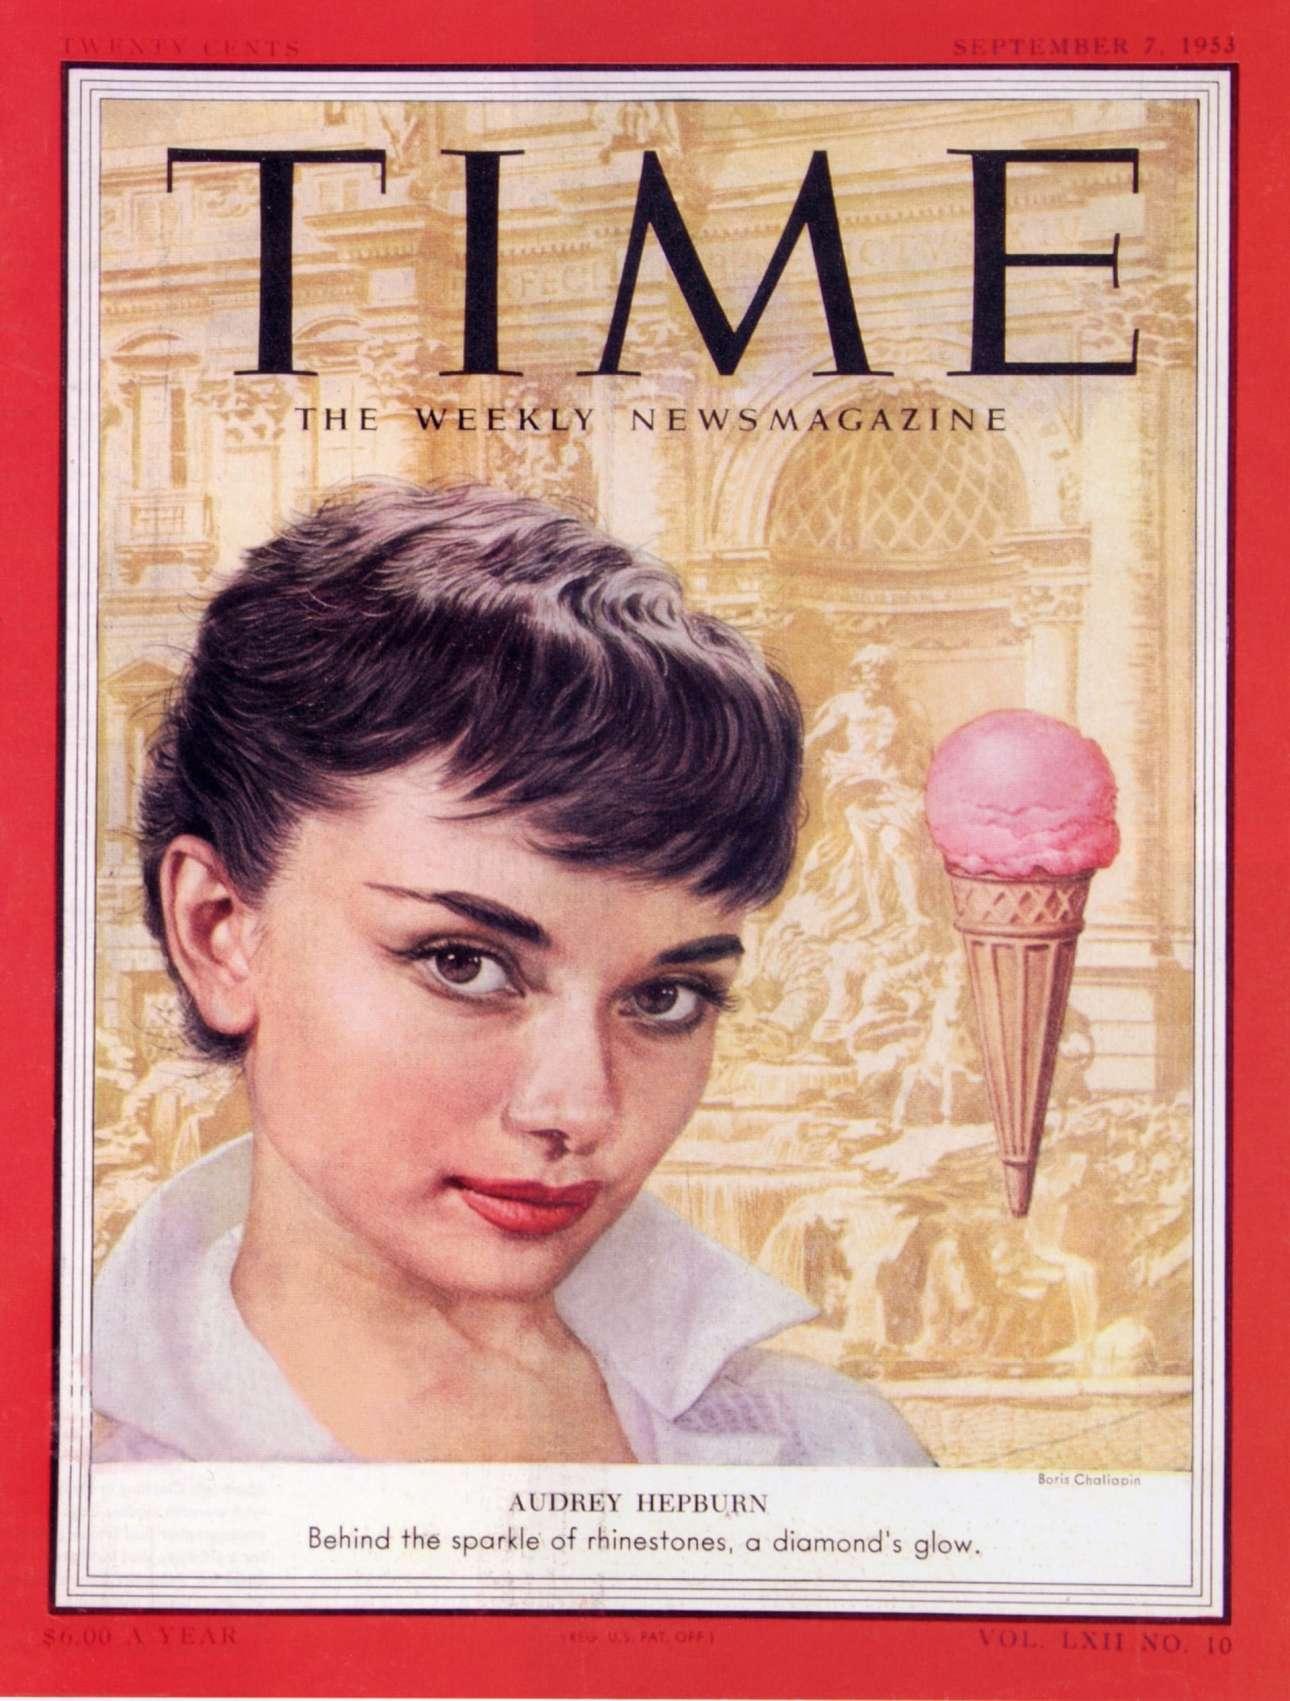 Μερικούς μήνες αργότερα, στις 7 Σεπτεμβρίου 1953, ήταν σειρά της Οντρεϊ Χέπμπορν